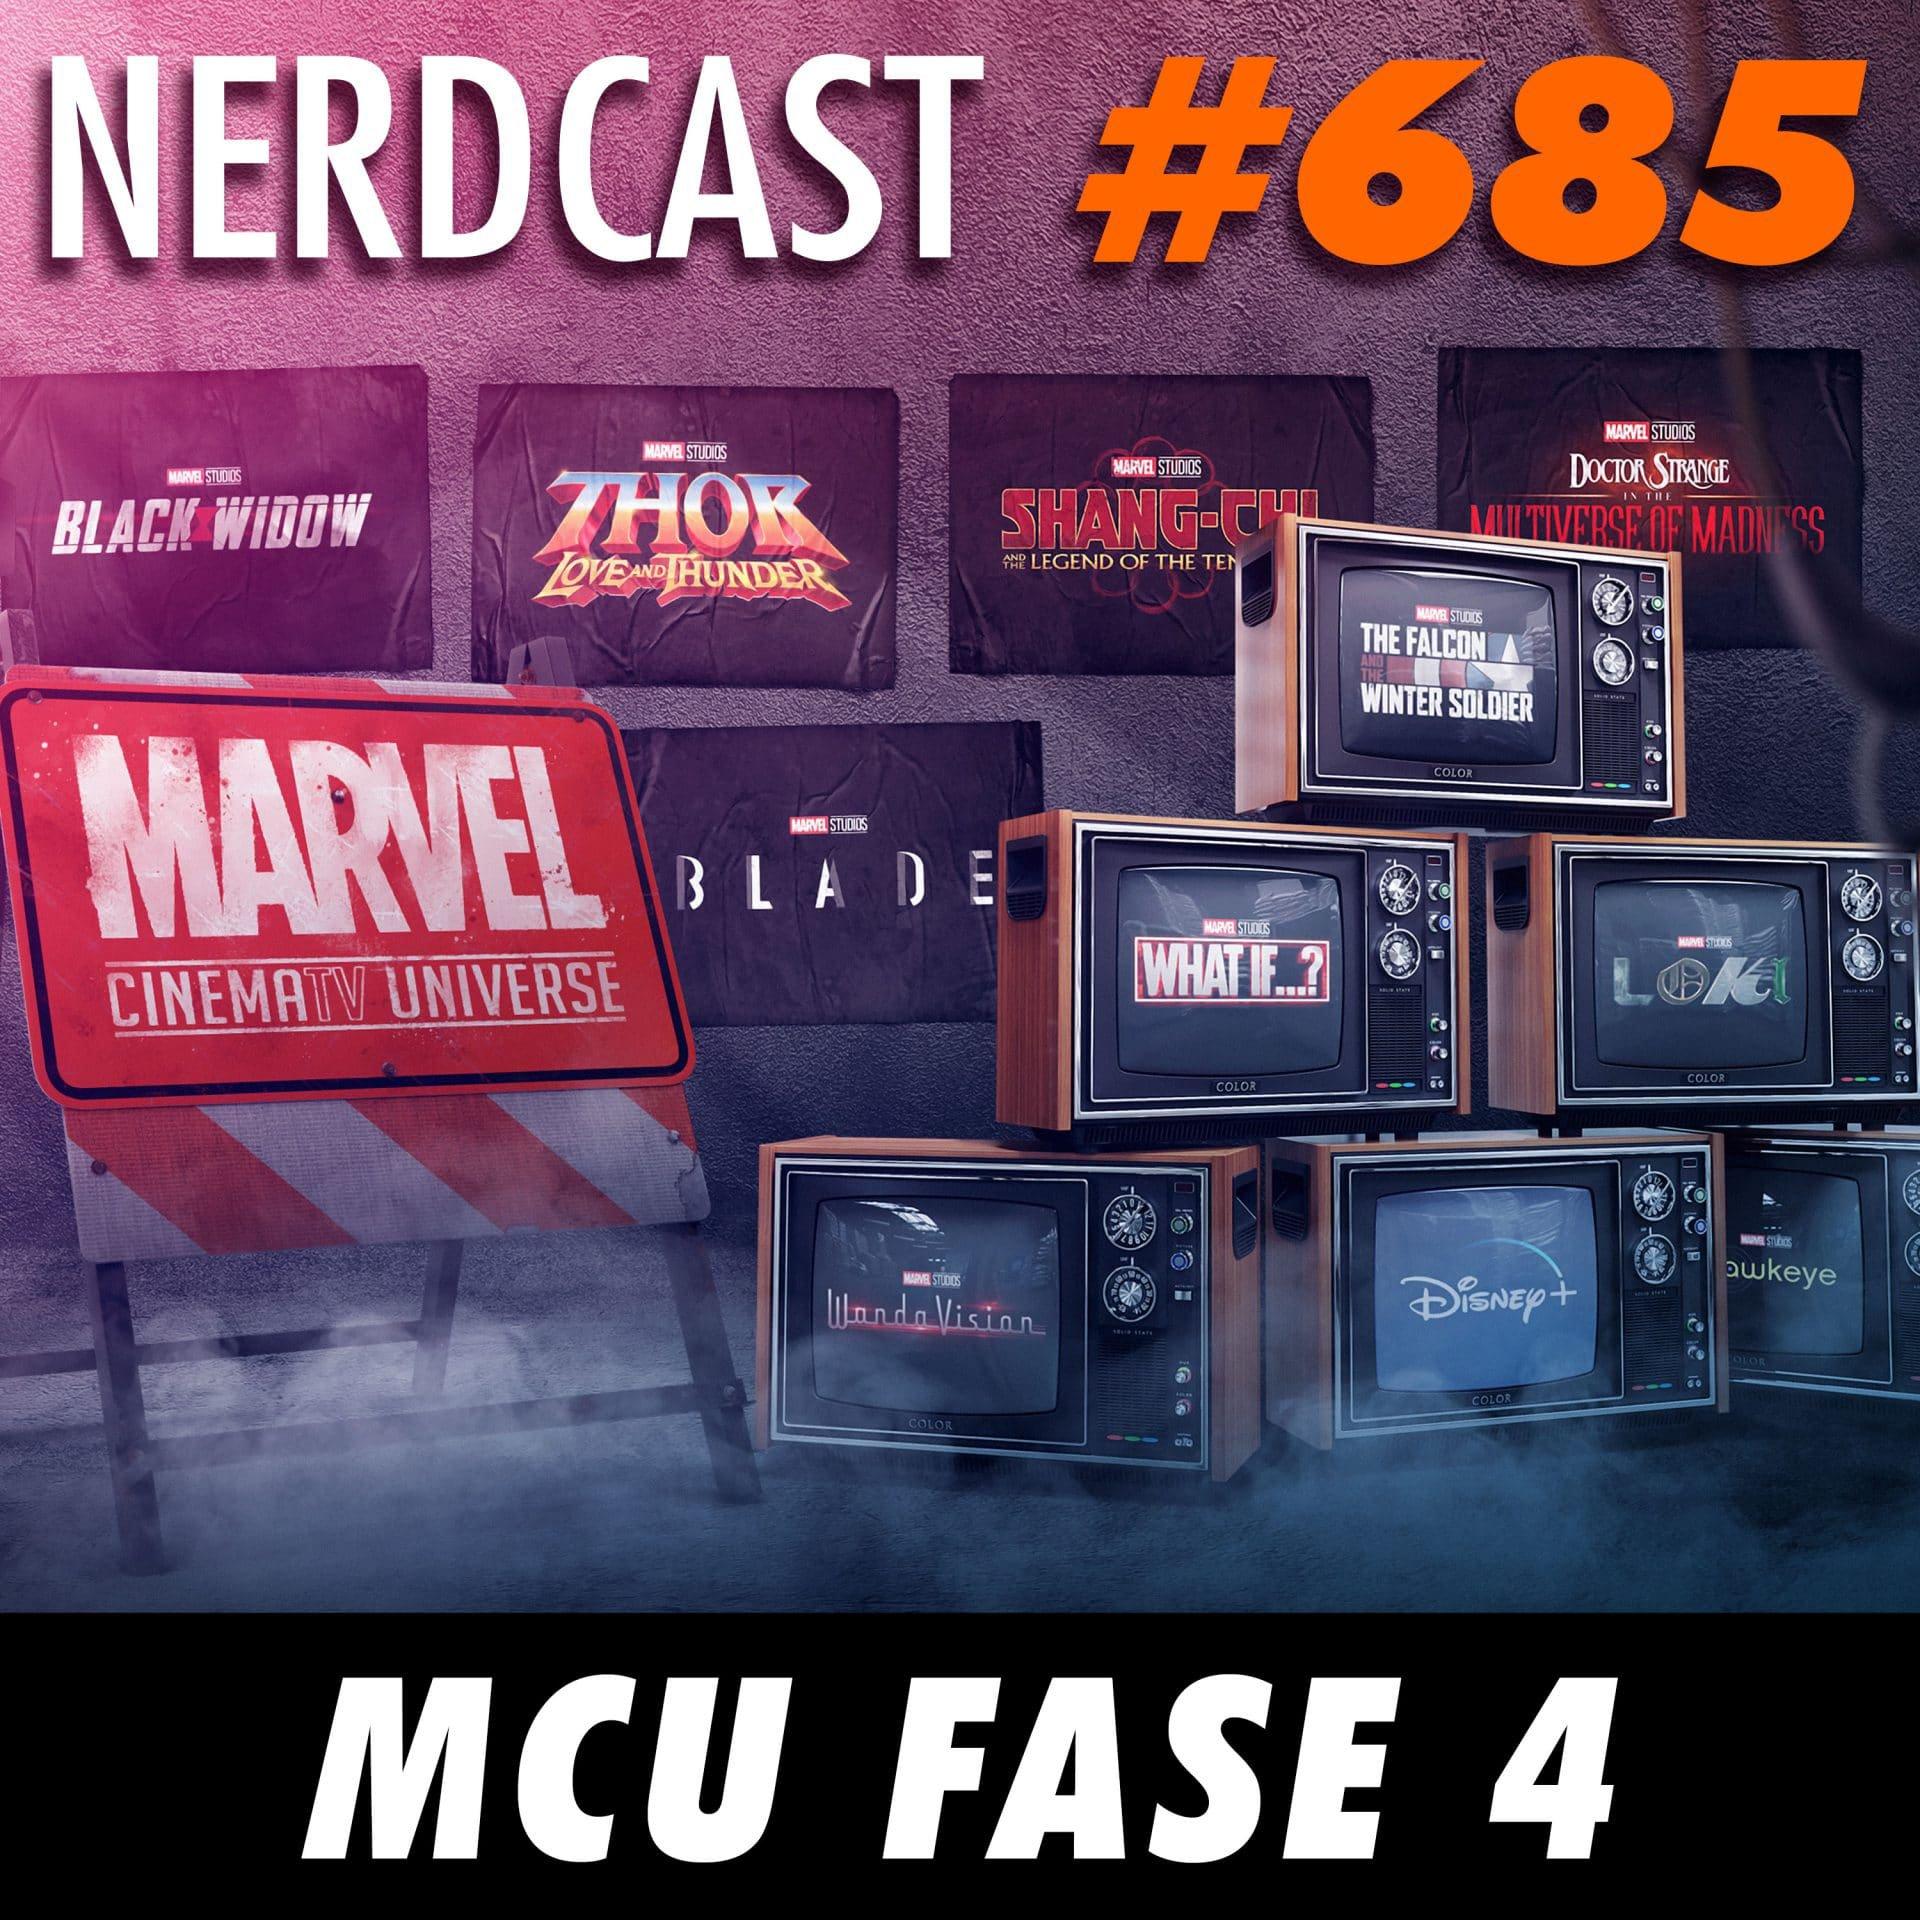 NerdCast 685 - MCU Fase 4